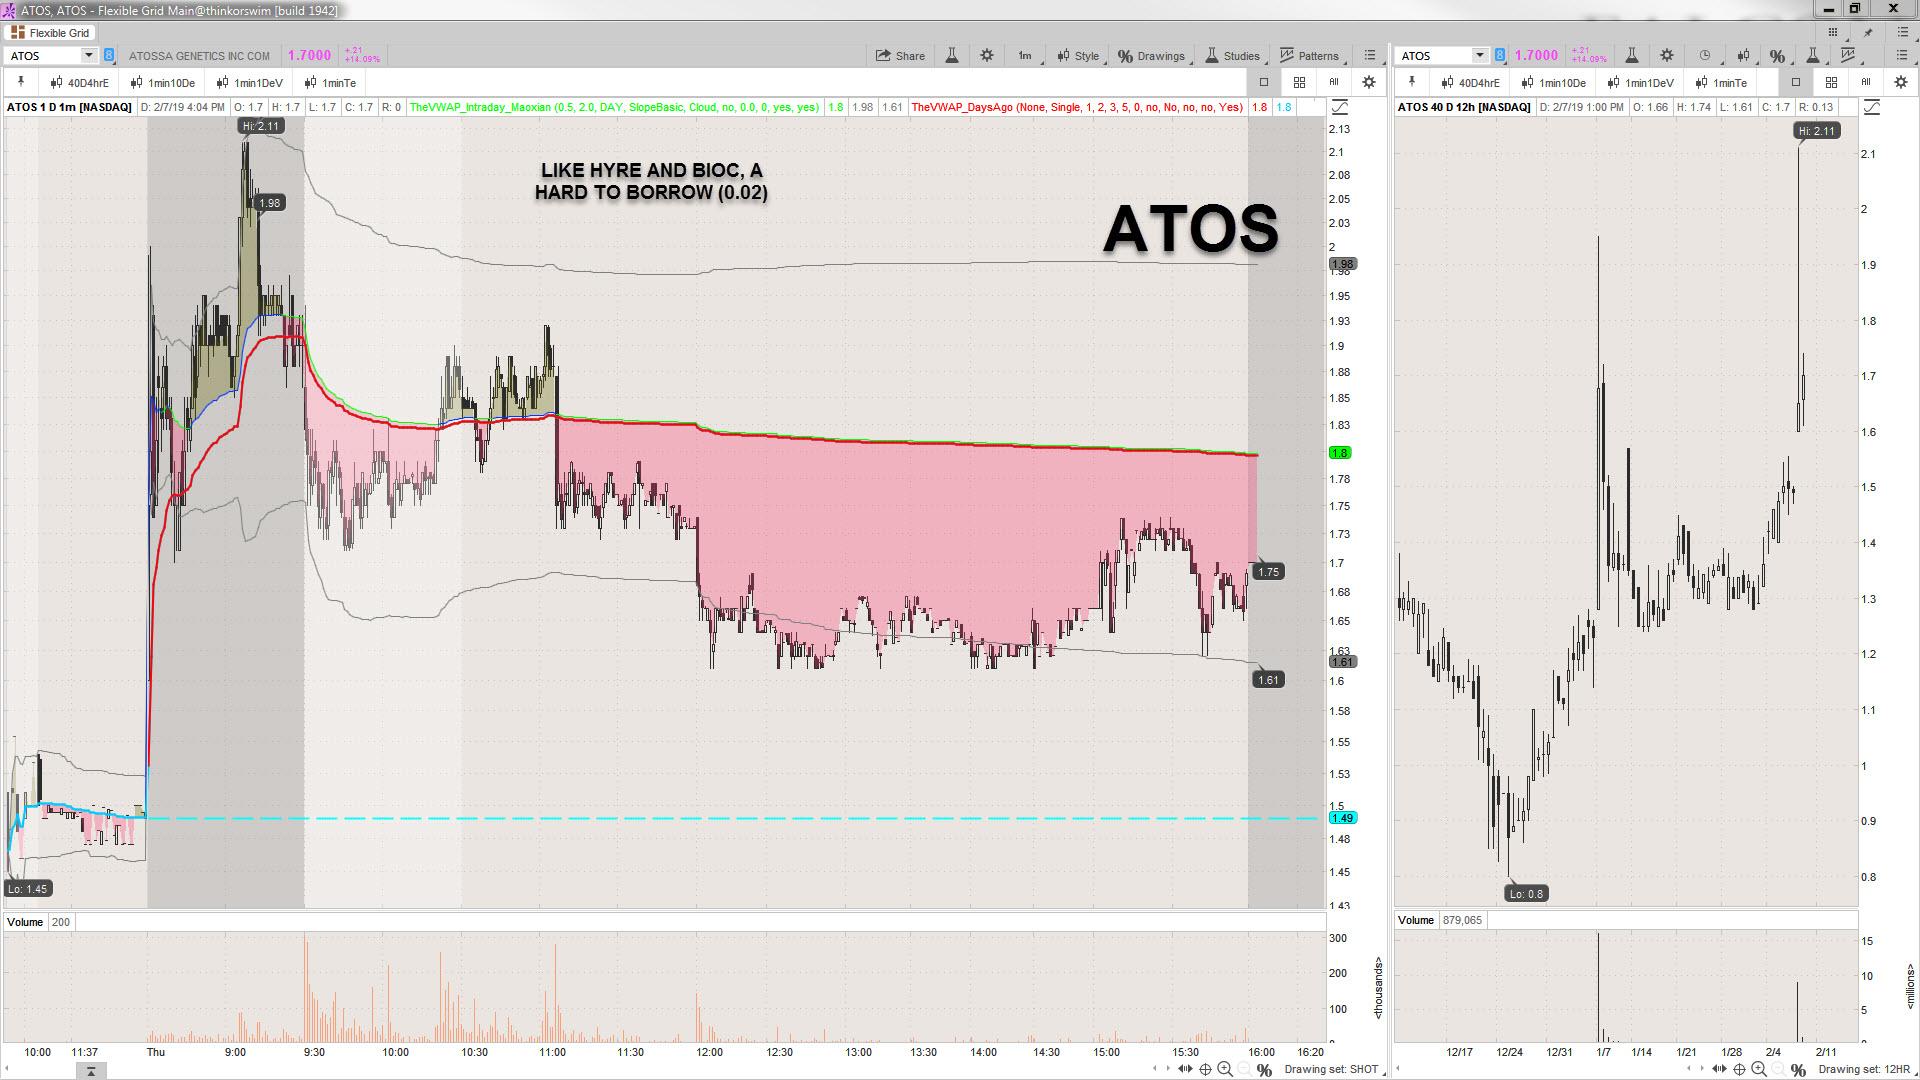 2019-02-07_16-07-40 ATOS.jpg